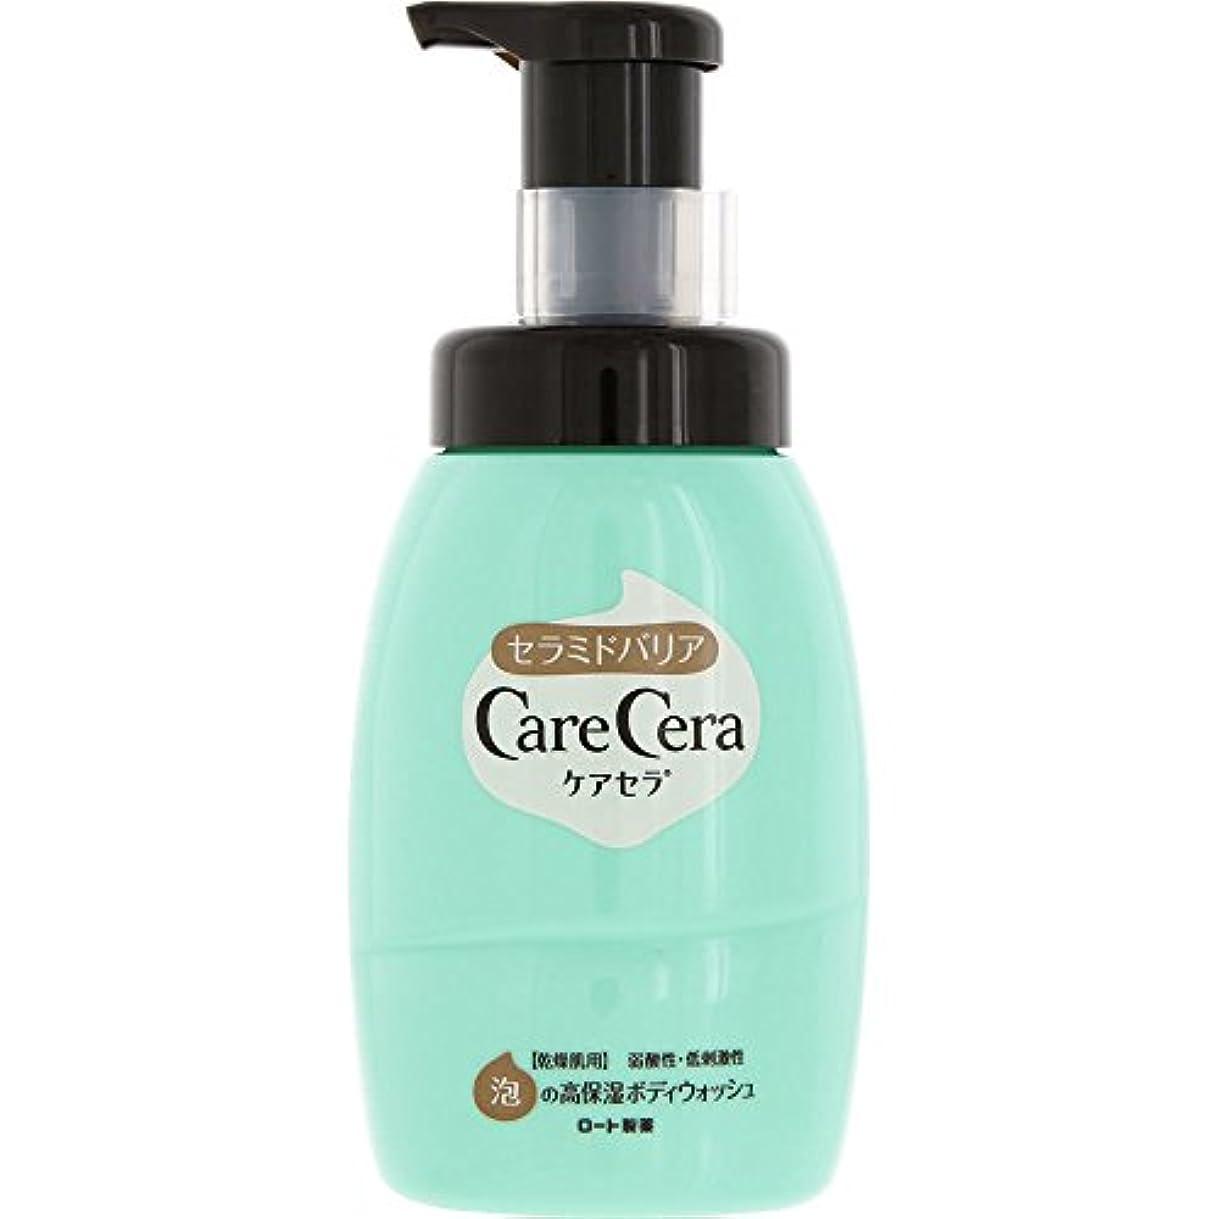 正しくあらゆる種類のはねかけるCareCera(ケアセラ) 泡の高保湿 ボディウォッシュ 450mL